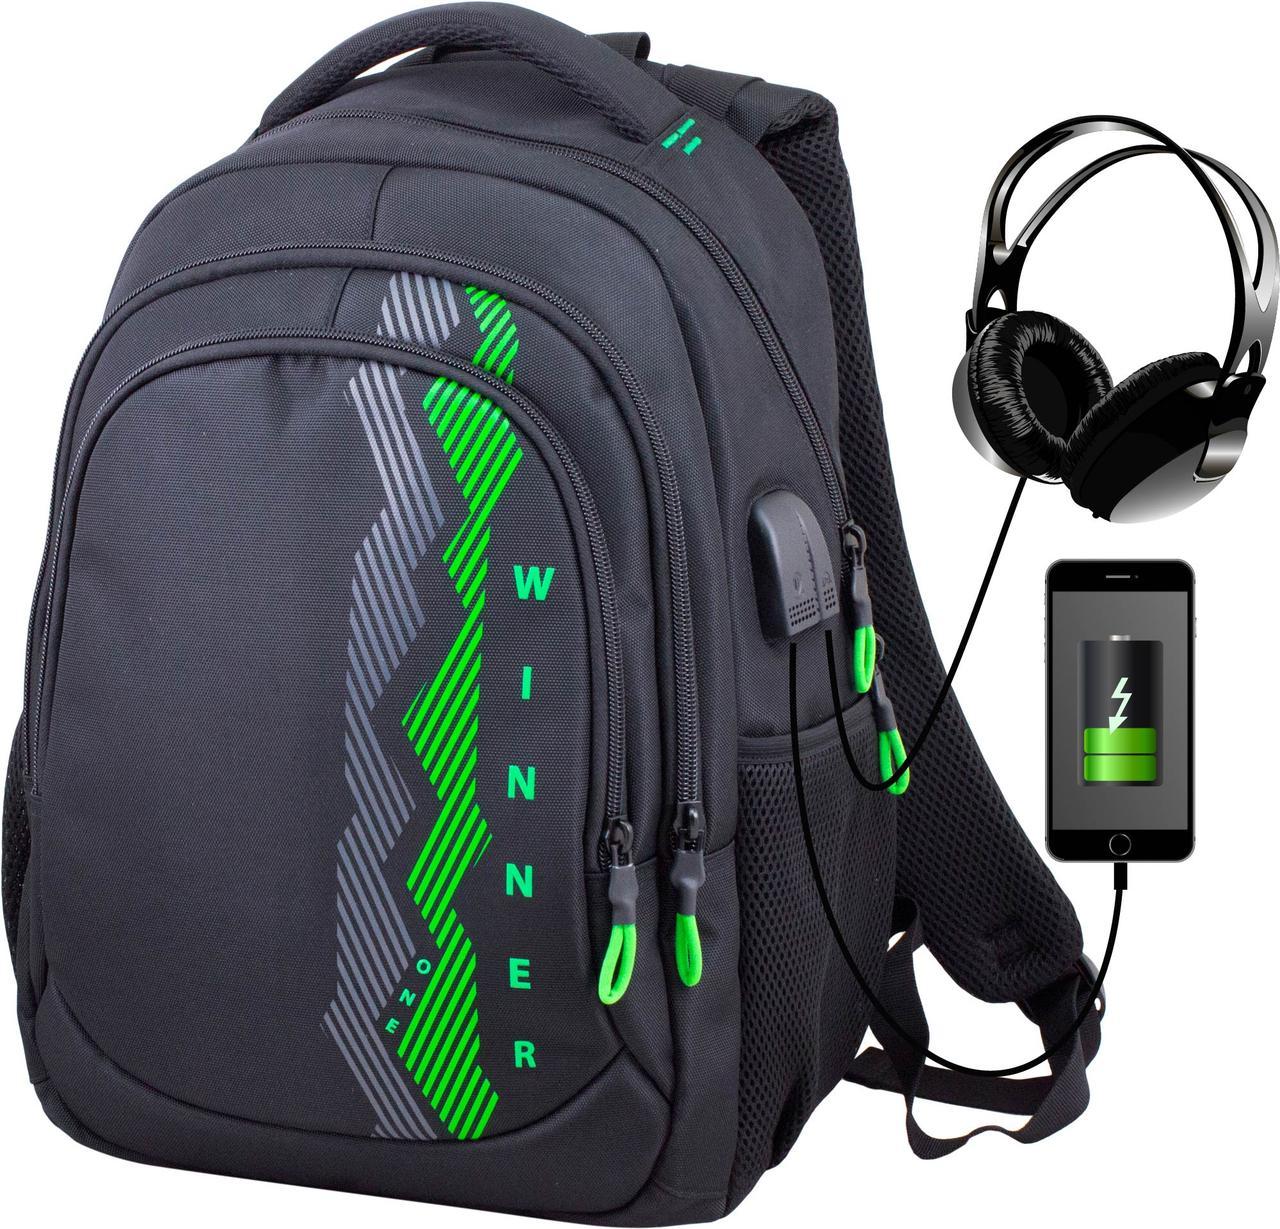 Рюкзак шкільний підлітковий на три відділи ортопедичний чорно-зелений Winner One 405-5 GR